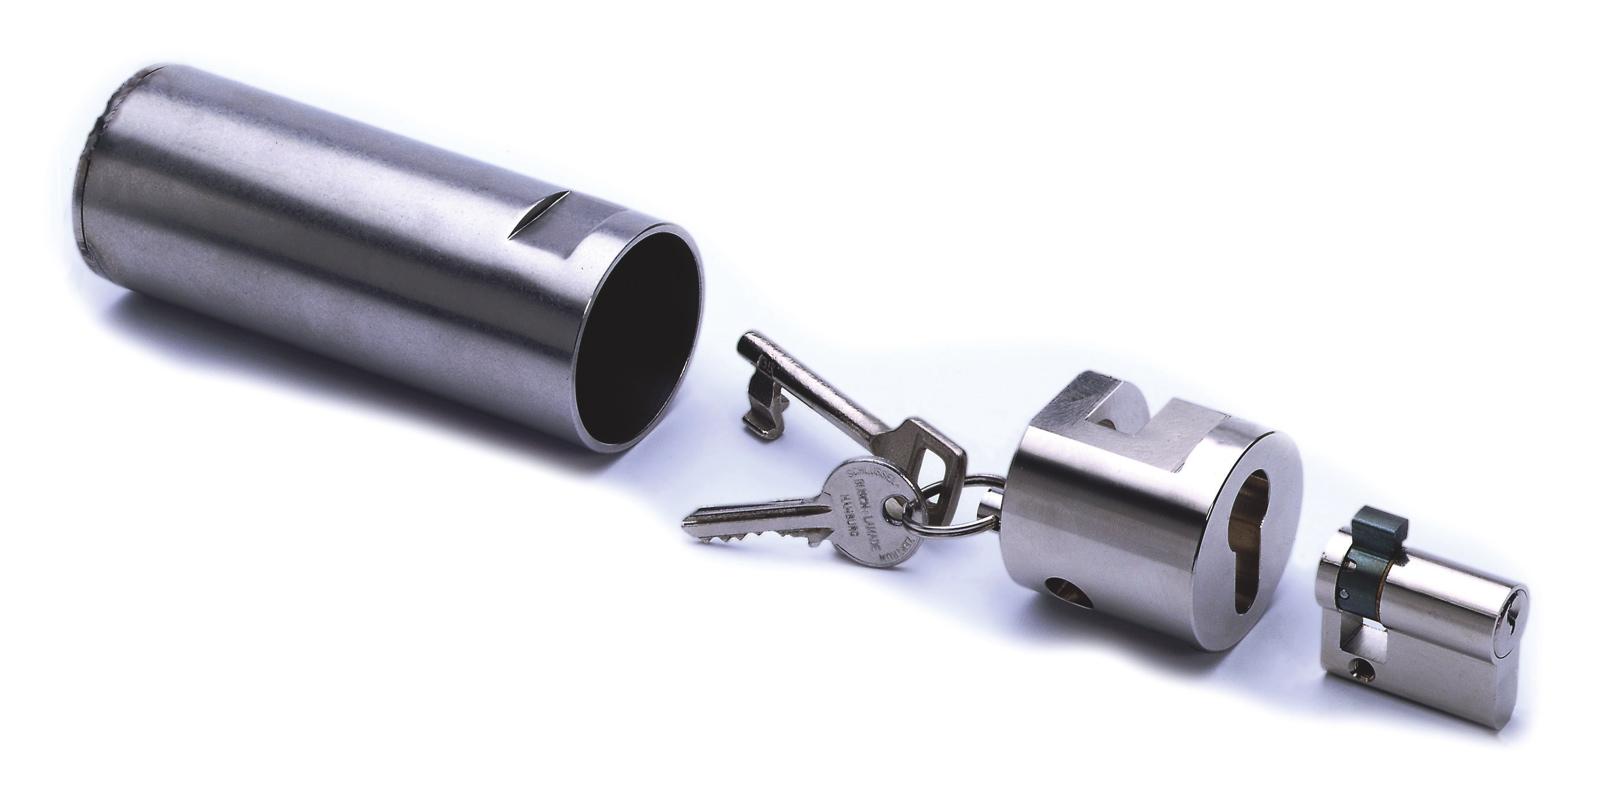 Kruse Sicherheit - Kategoriebild PZ SchlüsselSafes